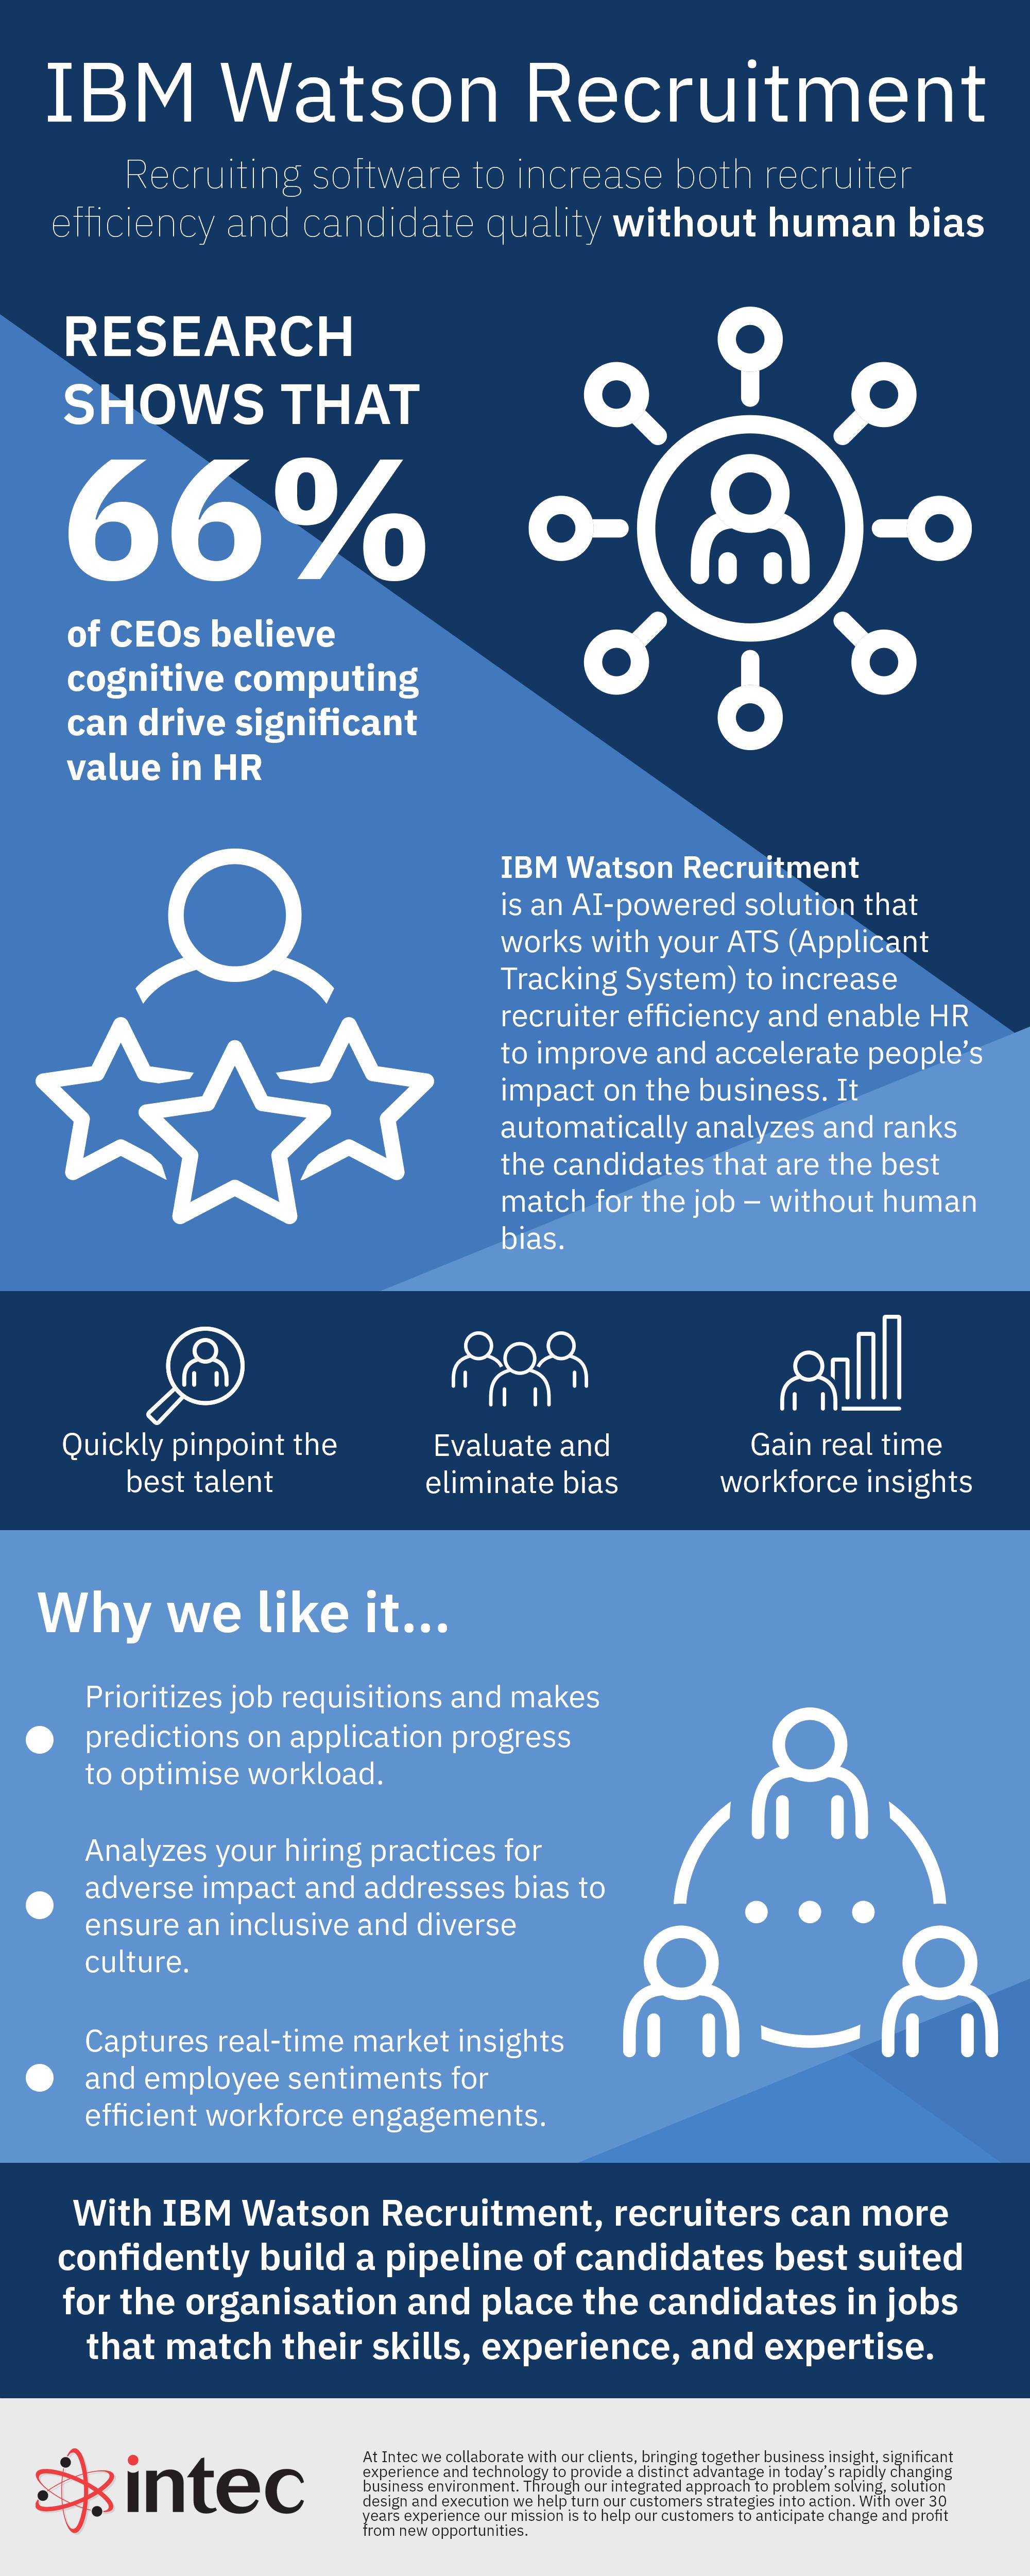 IBM Watson Recruitment